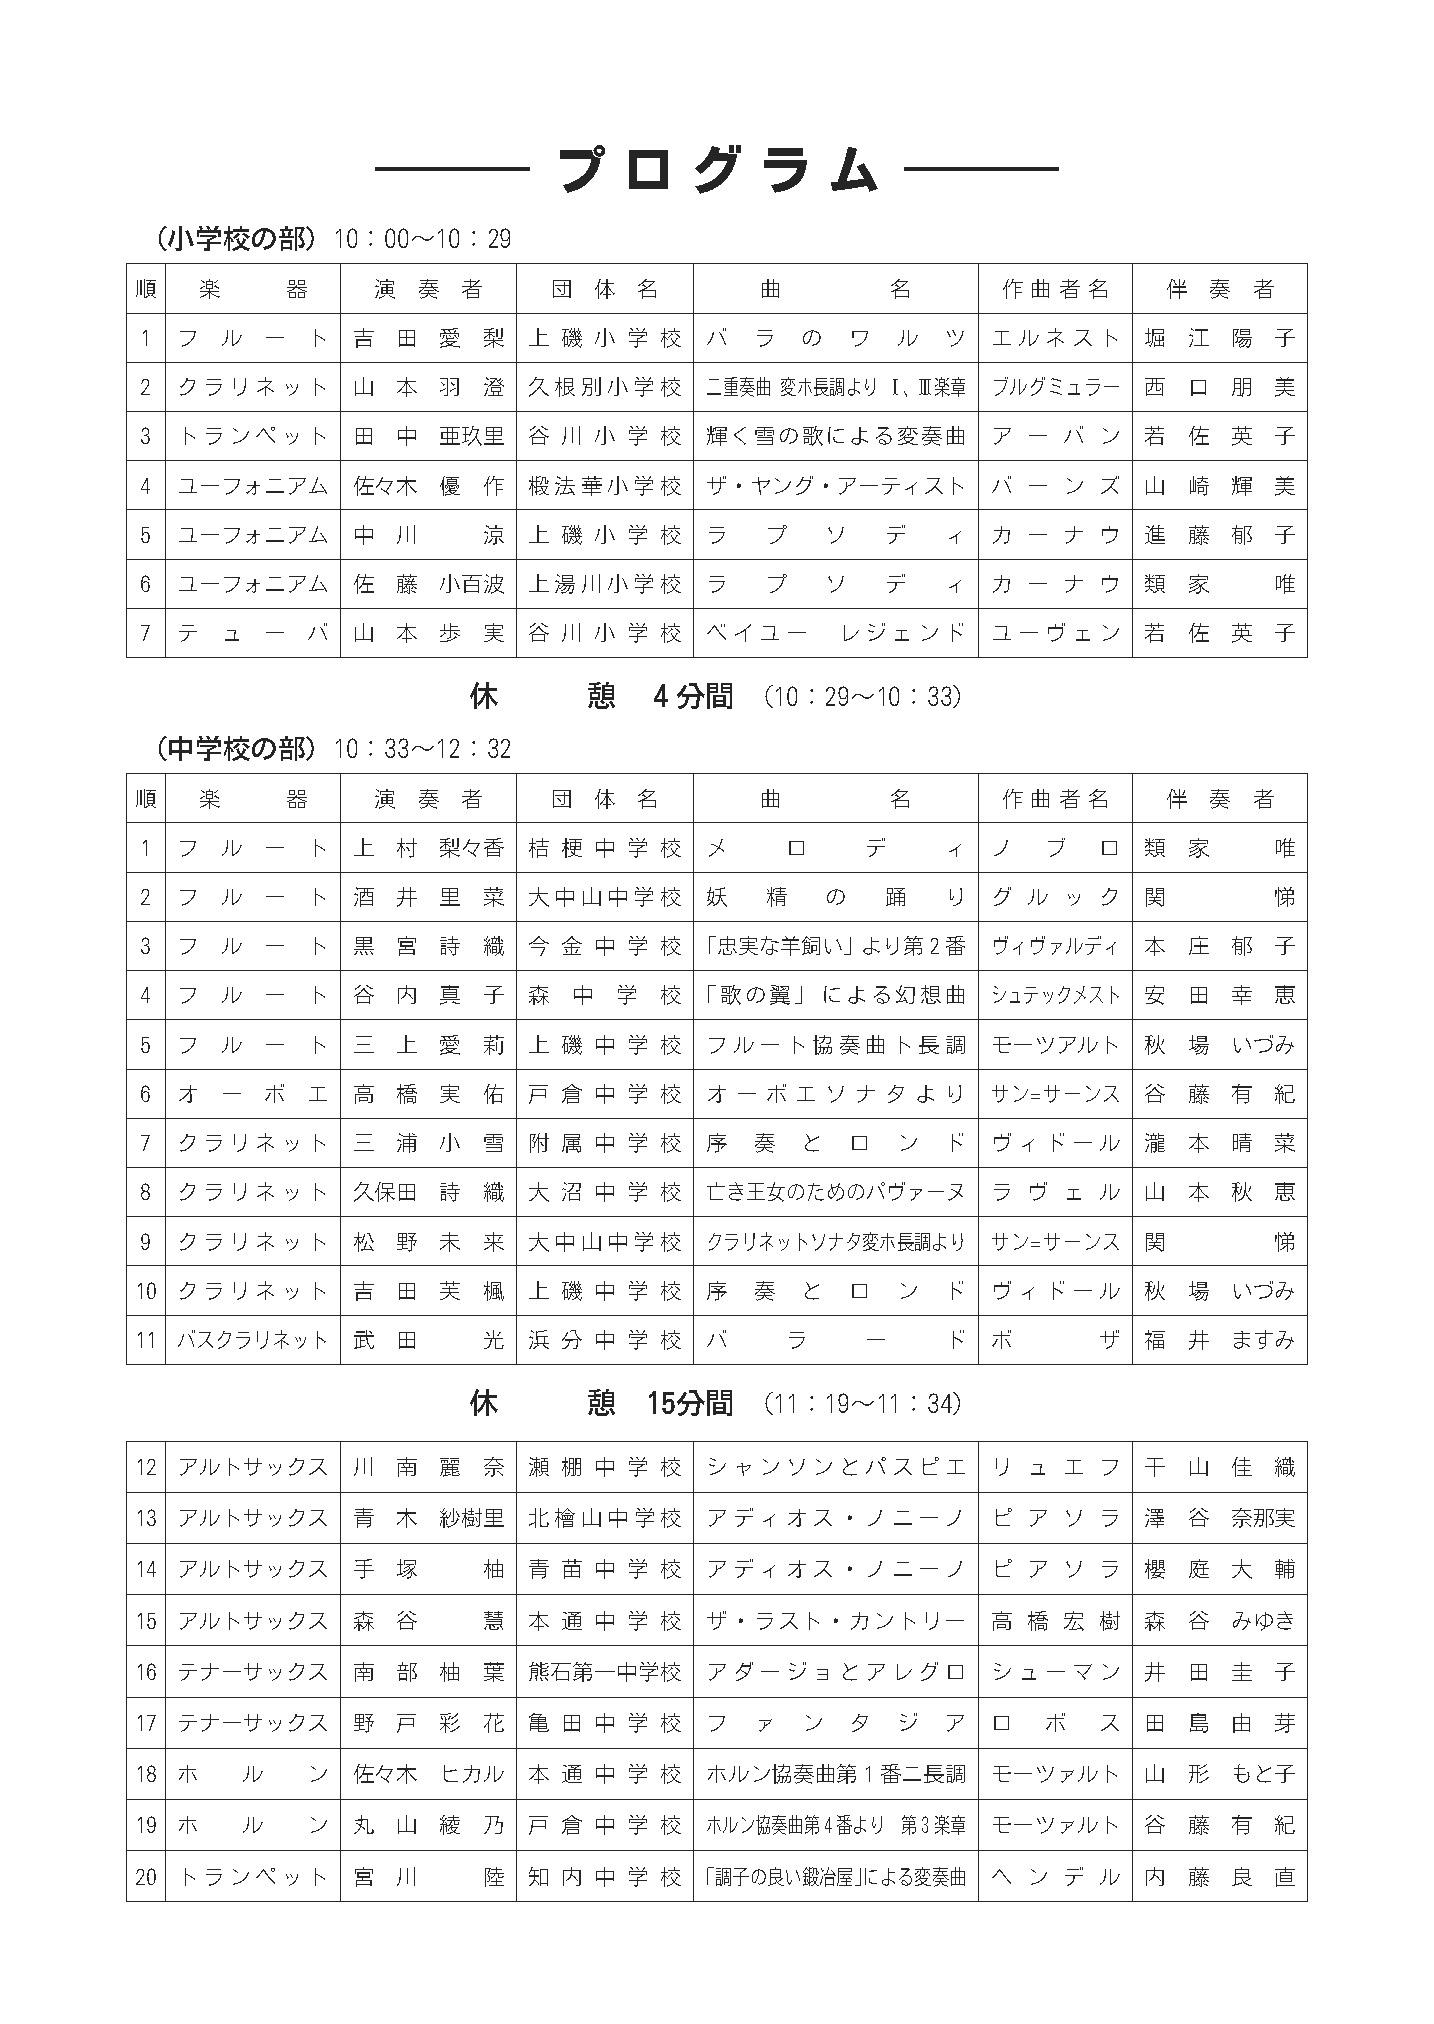 函館地区個人コンクール仮プログラム_ページ_2